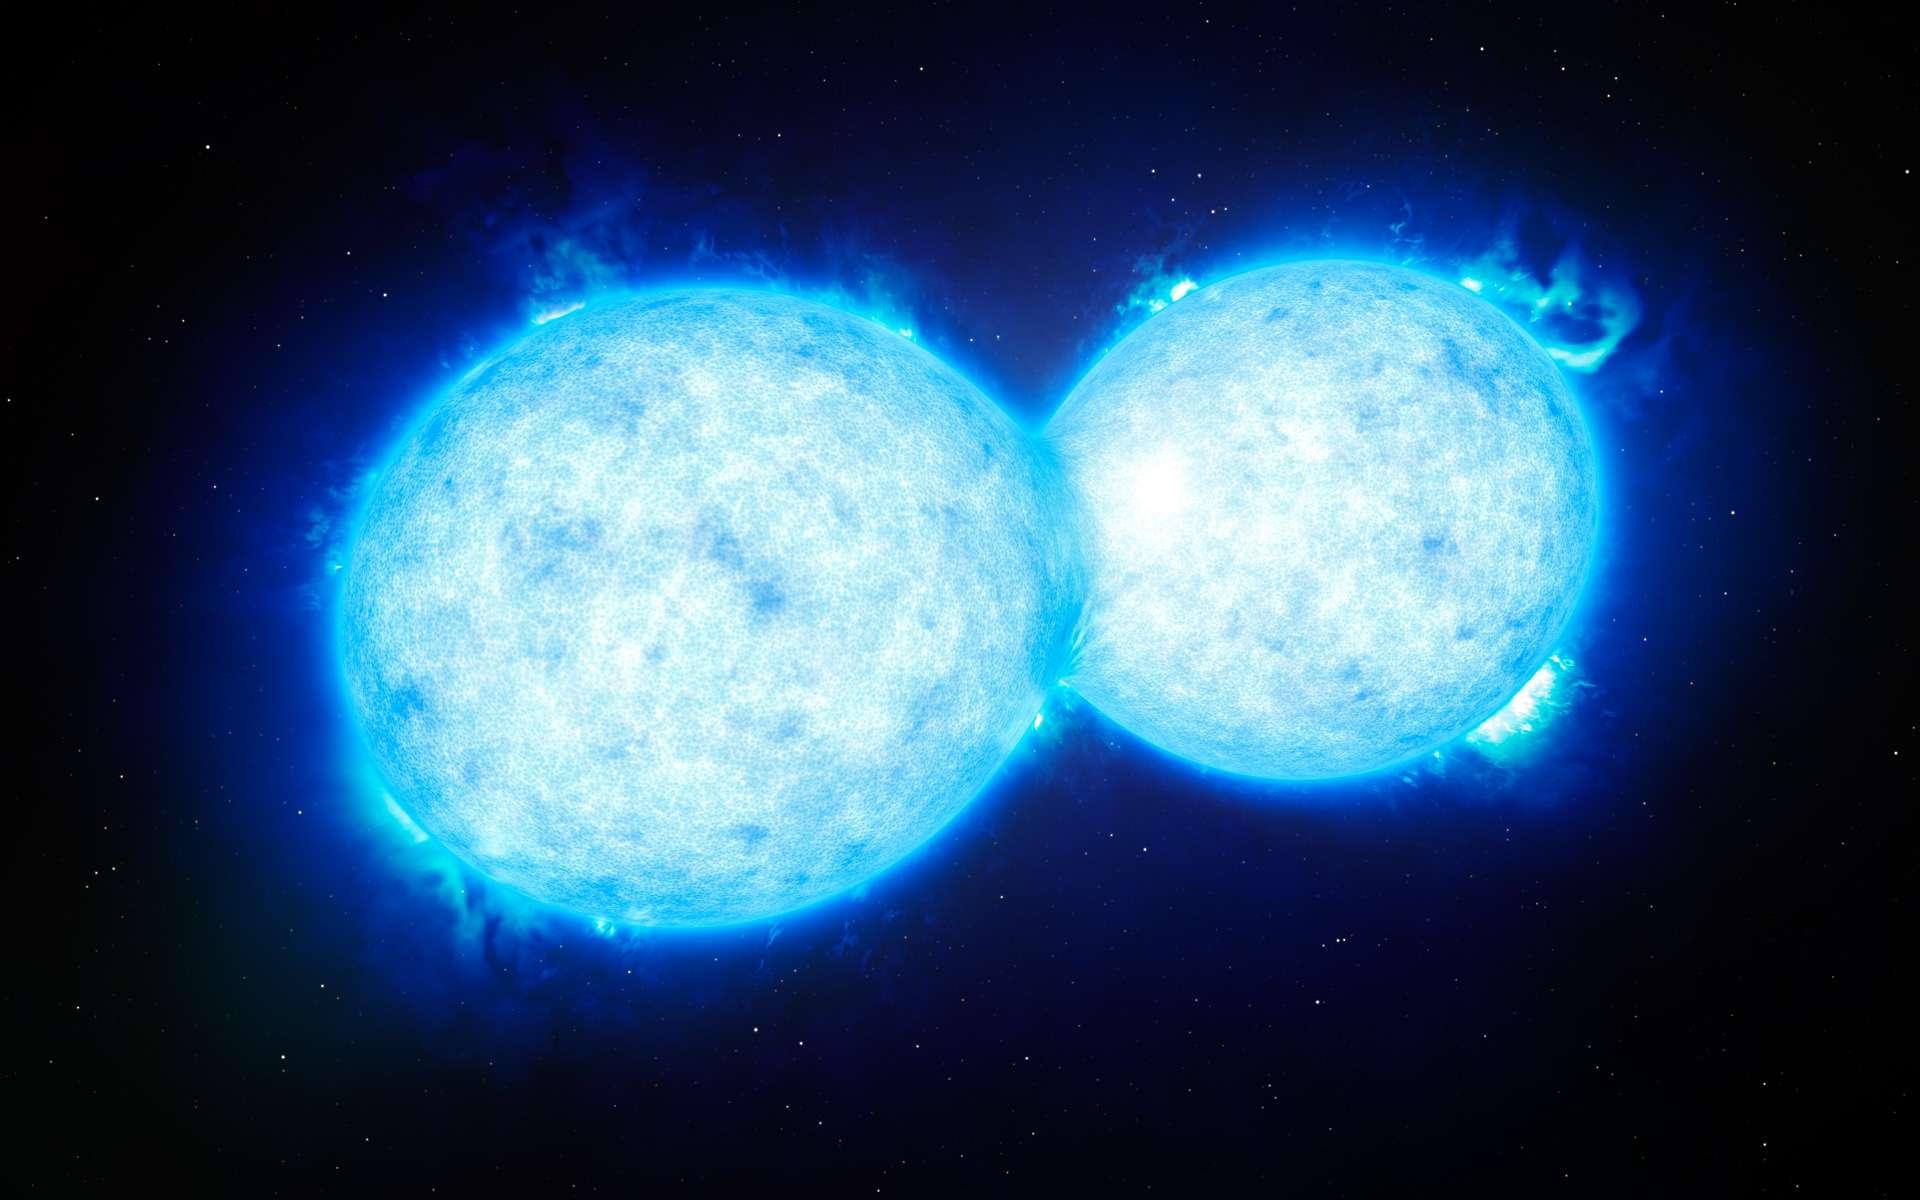 Cette vue d'artiste montre VFTS 532, le système d'étoile double le plus chaud et le plus massif connu à ce jour, dont les composantes, situées à grande proximité l'une de l'autre, partagent du contenu matériel. Les deux étoiles de ce système extrême se situent à quelque 160.000 années-lumière de la Terre, dans le Grand Nuage de Magellan. Cette étrange paire s'achemine certainement vers une fin dramatique : la formation d'une unique étoile géante ou d'un futur trou noir binaire. © ESO, L. Calçada